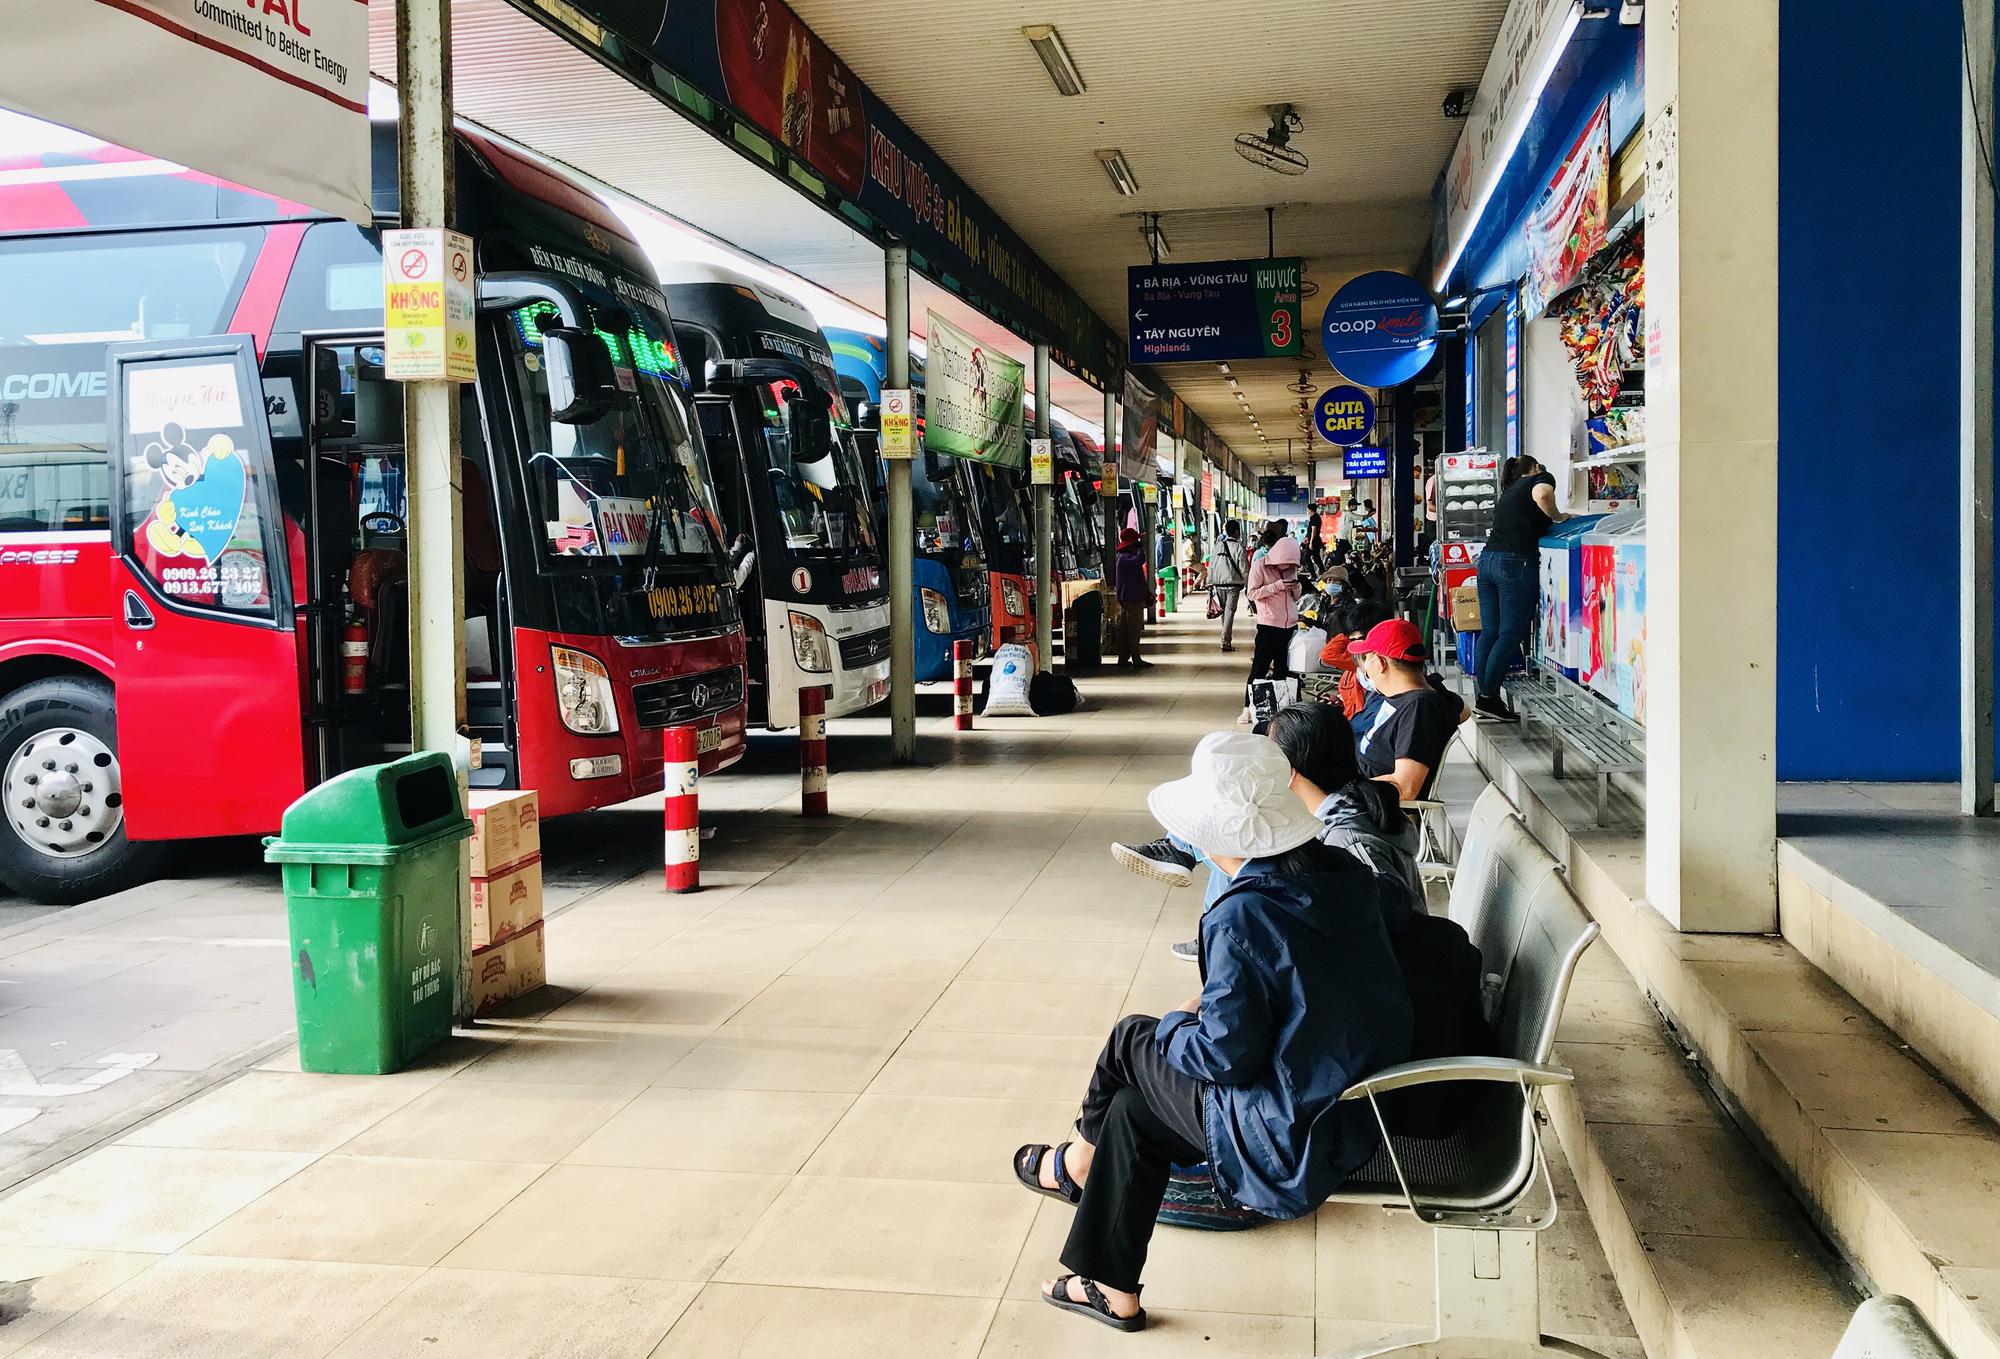 Bến xe Miền Đông ngày 25 Tết trống trơn, khách gửi cái nồi cơm điện cho mẹ, hẹn Tết năm sau sẽ về - Ảnh 4.